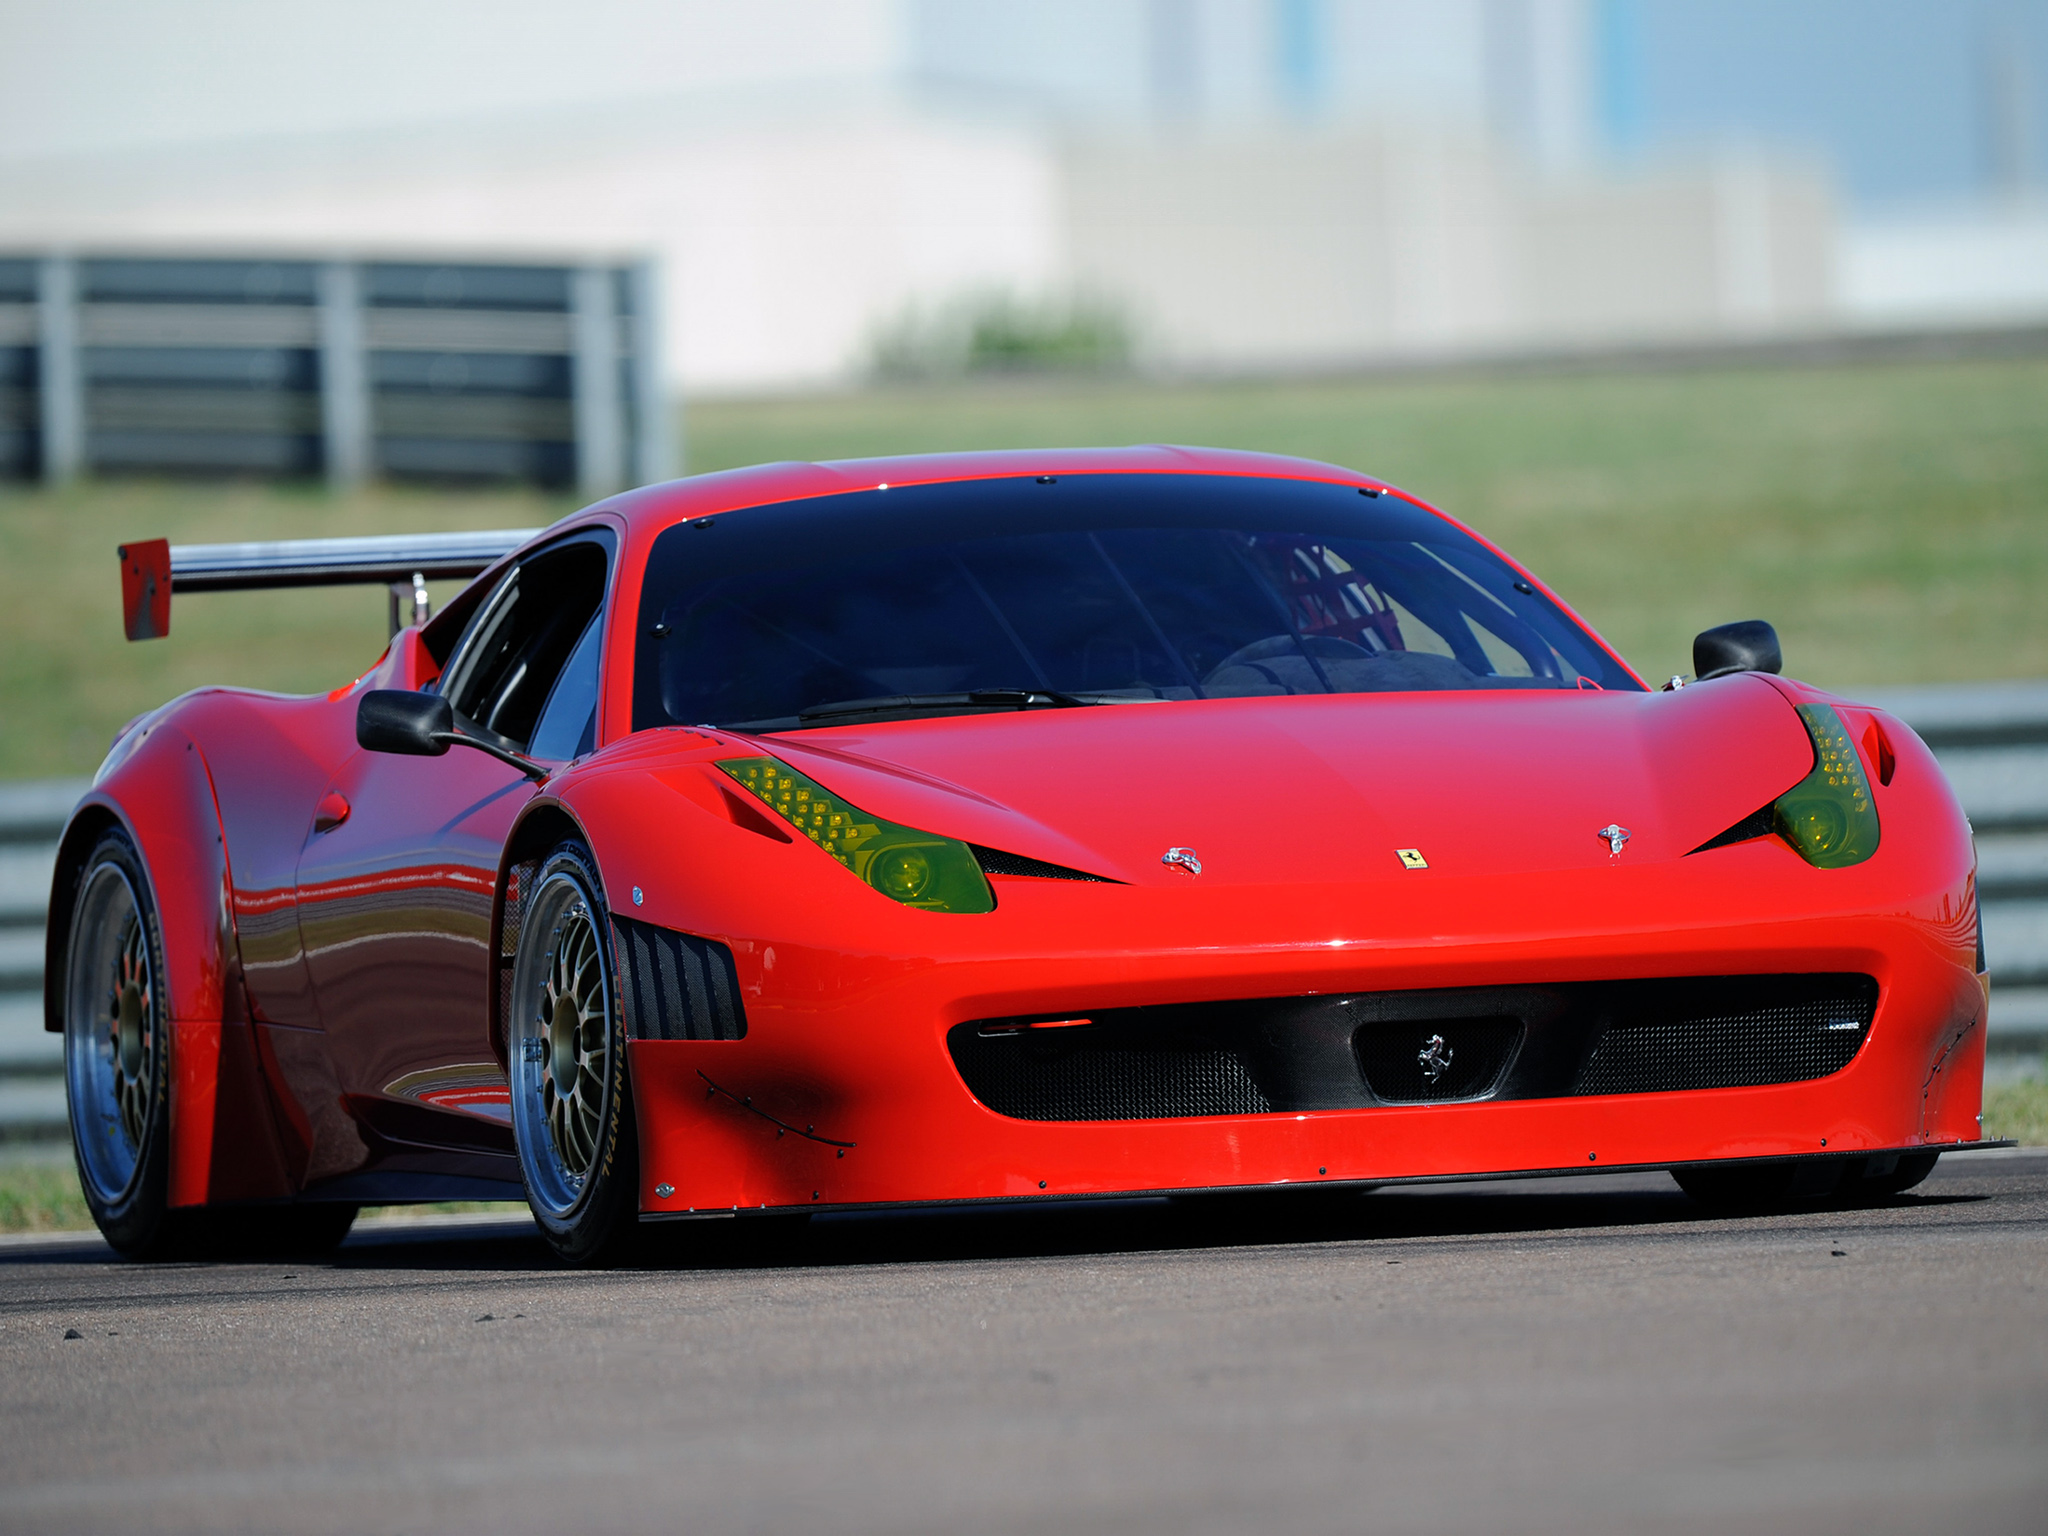 2011 ferrari 458 italia gt3 supercar supercars race racing wallpaper 2048x1536 120243. Black Bedroom Furniture Sets. Home Design Ideas